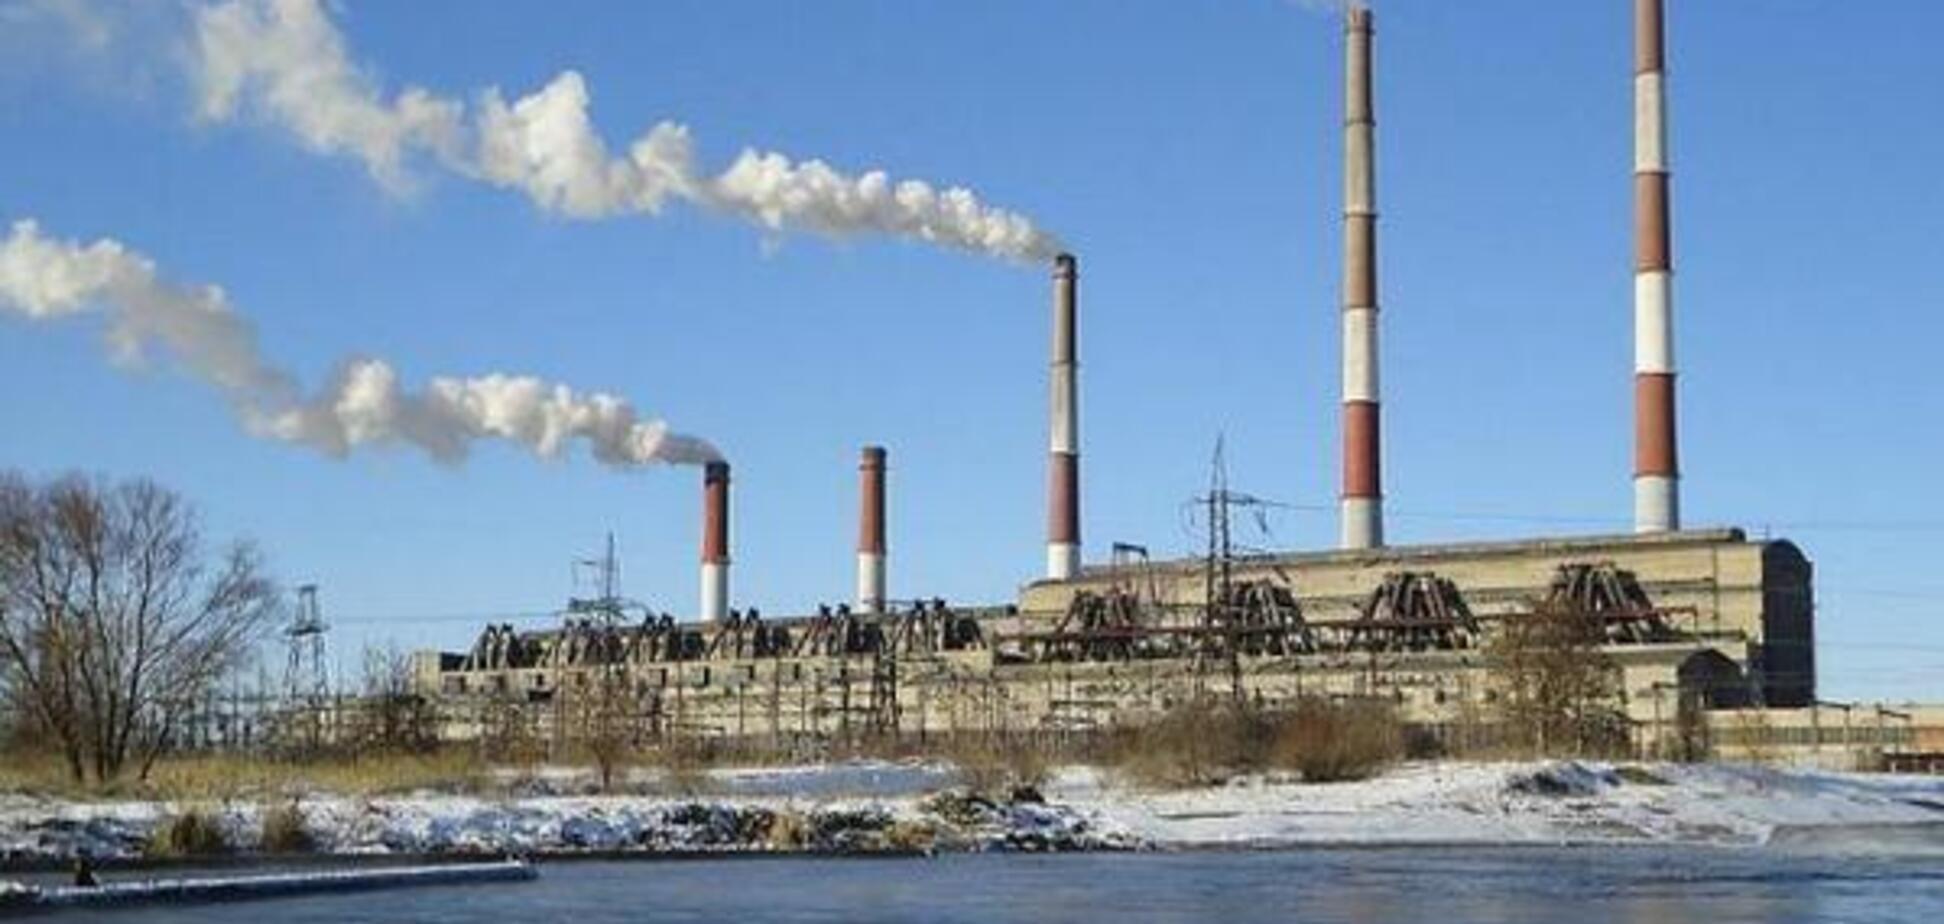 В Україні приватизують найбільше підприємство: у ФДМ зробили перший крок